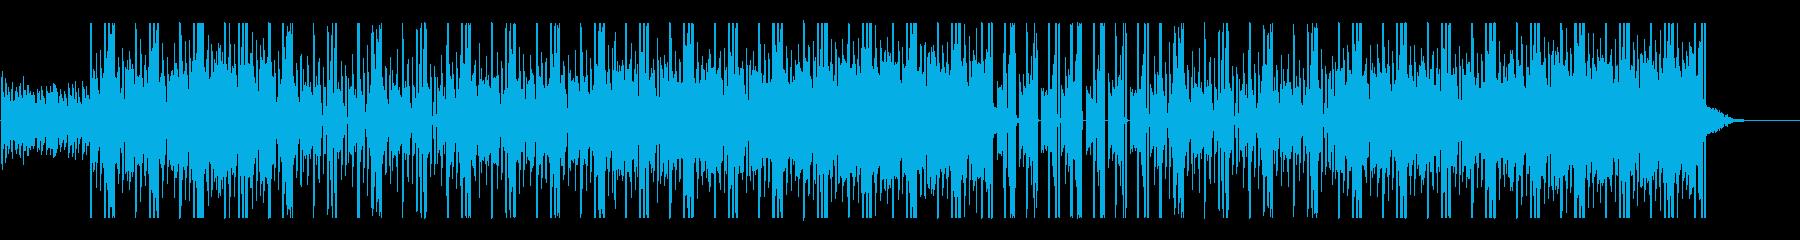 キレの良い軽やかなビートの再生済みの波形